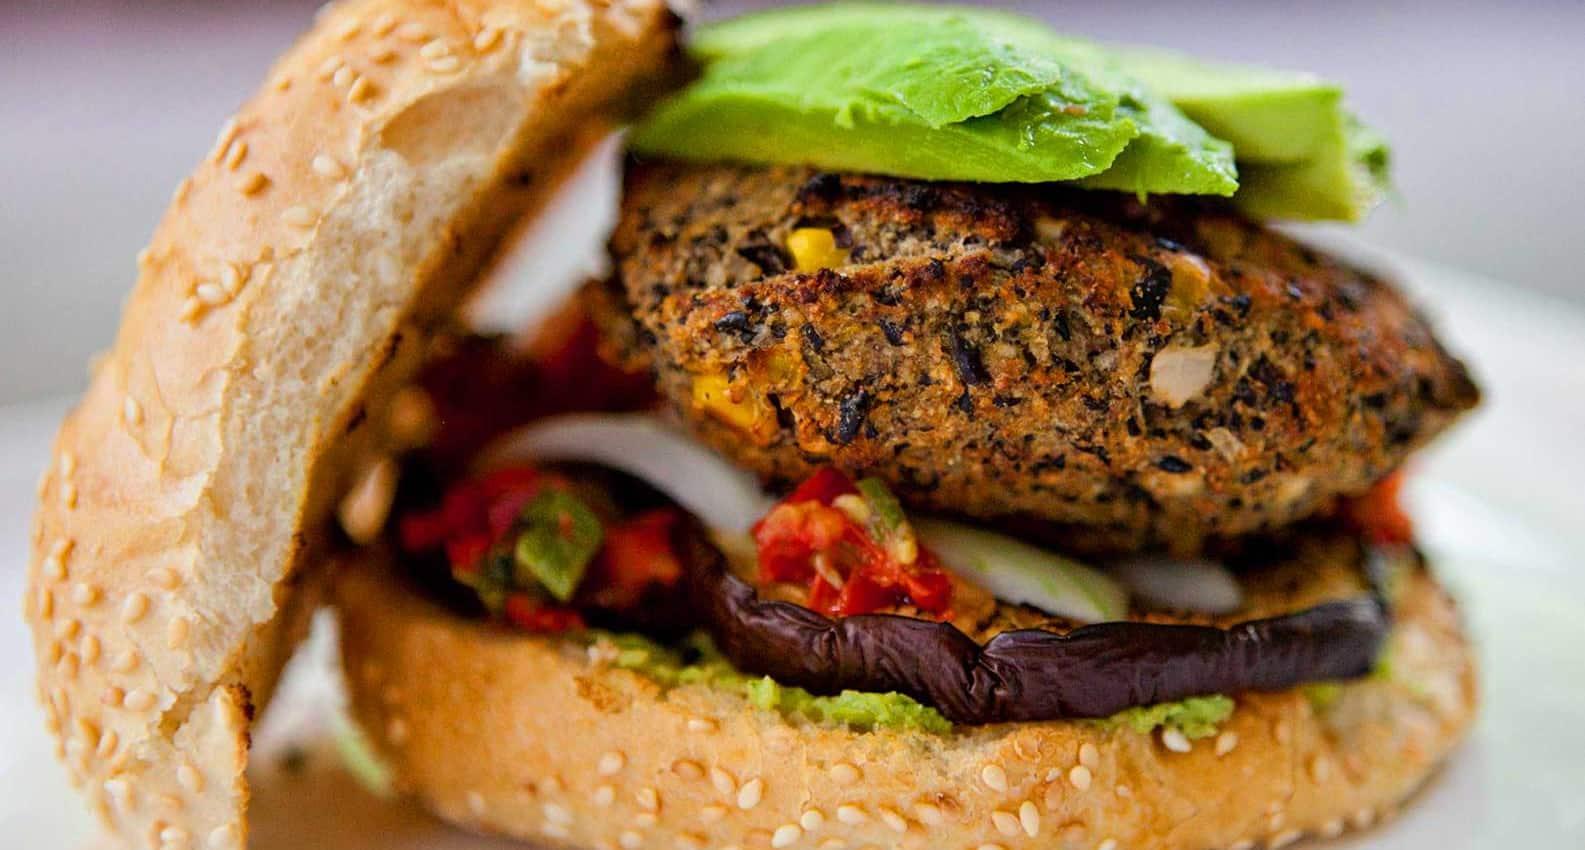 Recetas veganas: sencillas y apetecibles